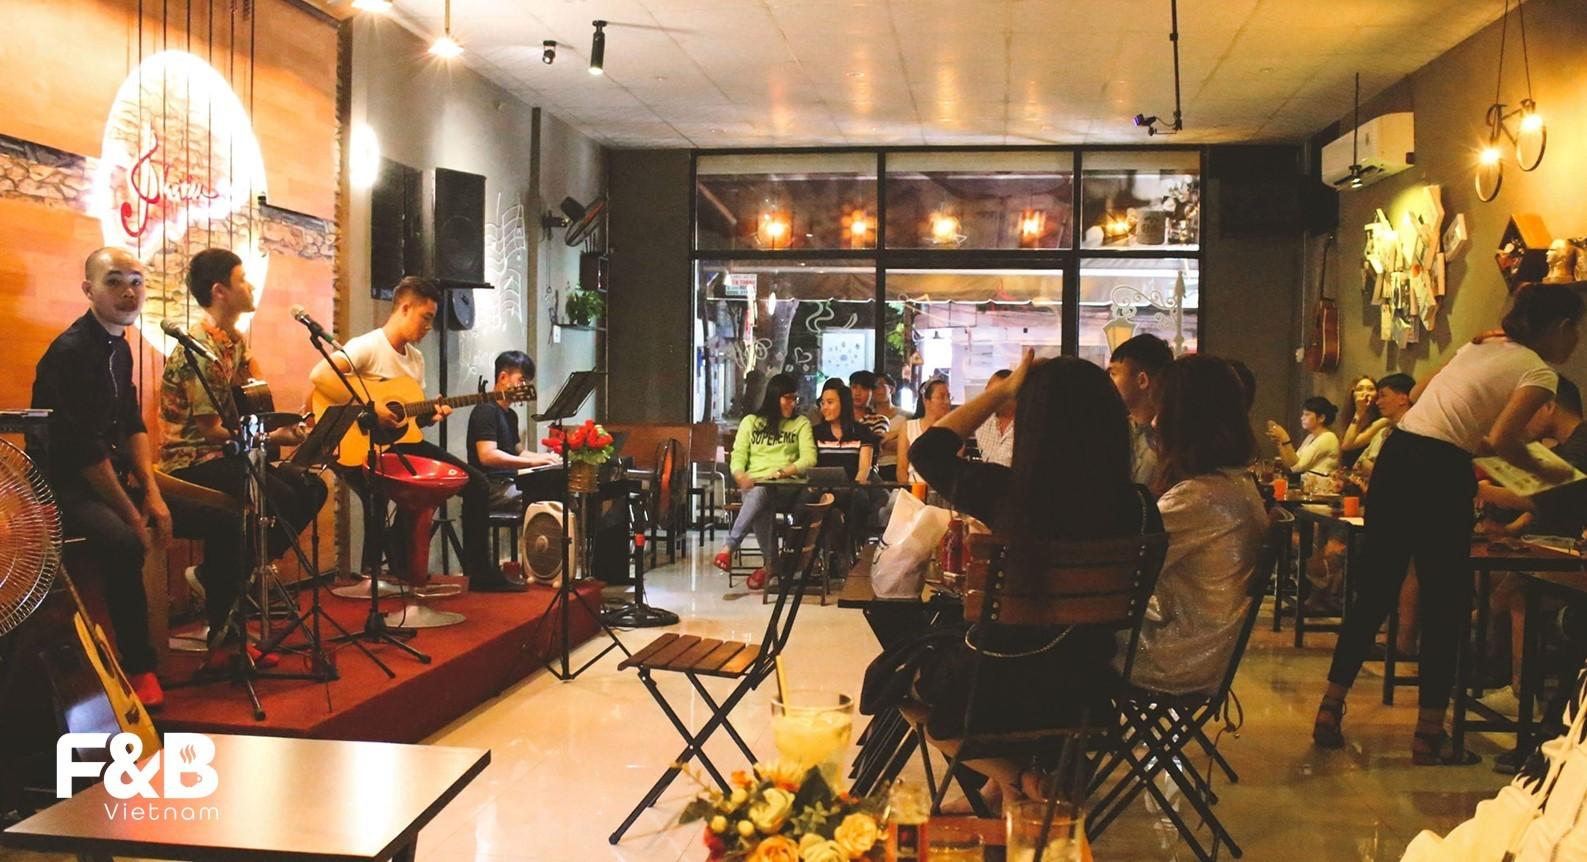 Tránh các lỗi âm nhạc cho quán cà phê